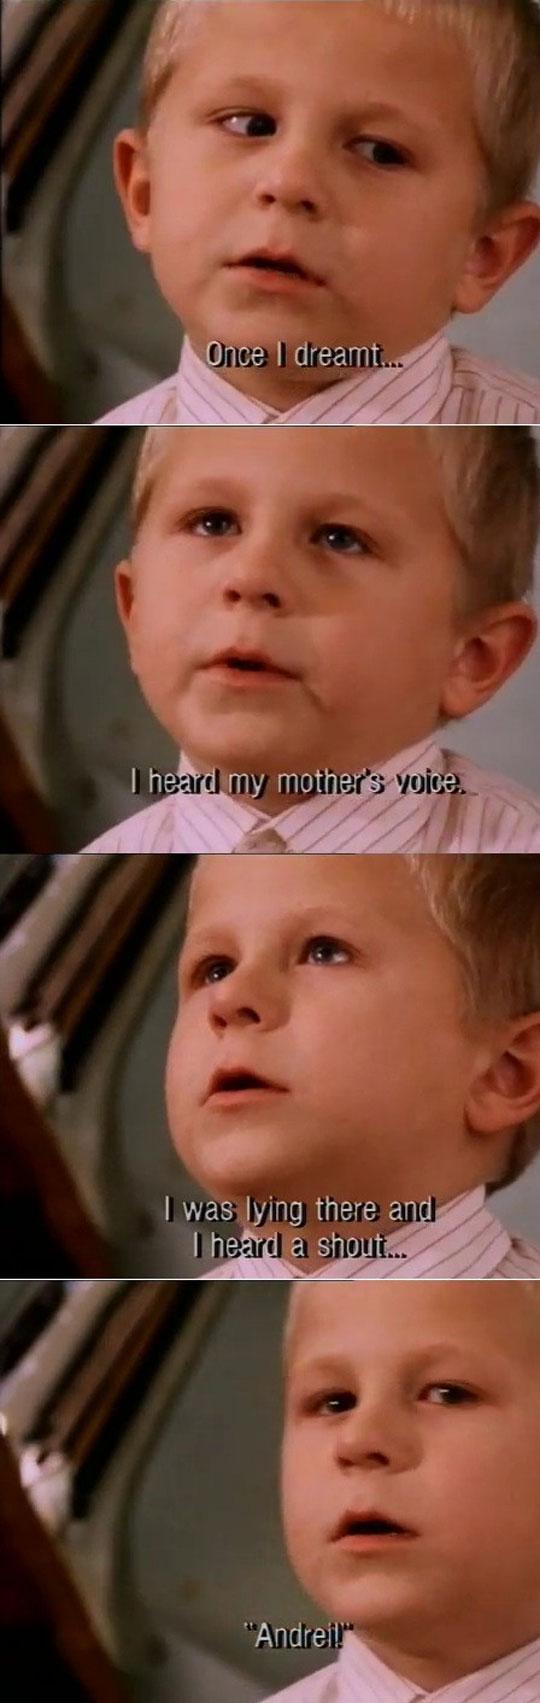 Little boy talking about heaven